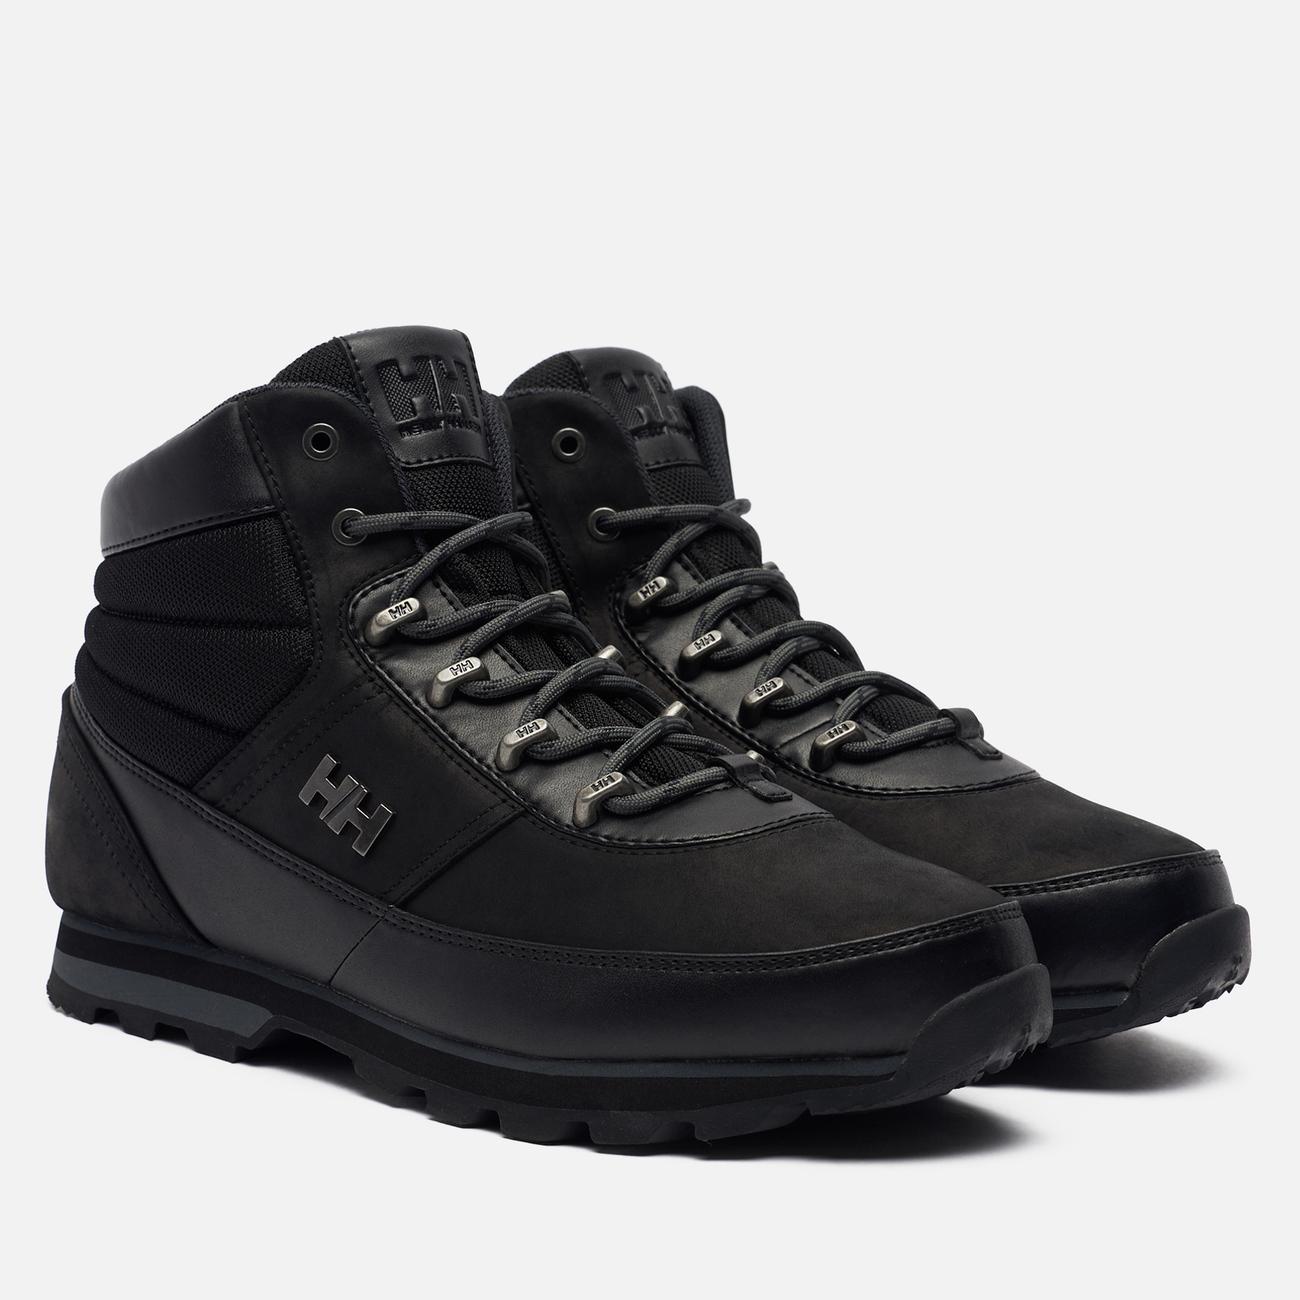 Мужские зимние ботинки Helly Hansen Woodlands Black/Ebony